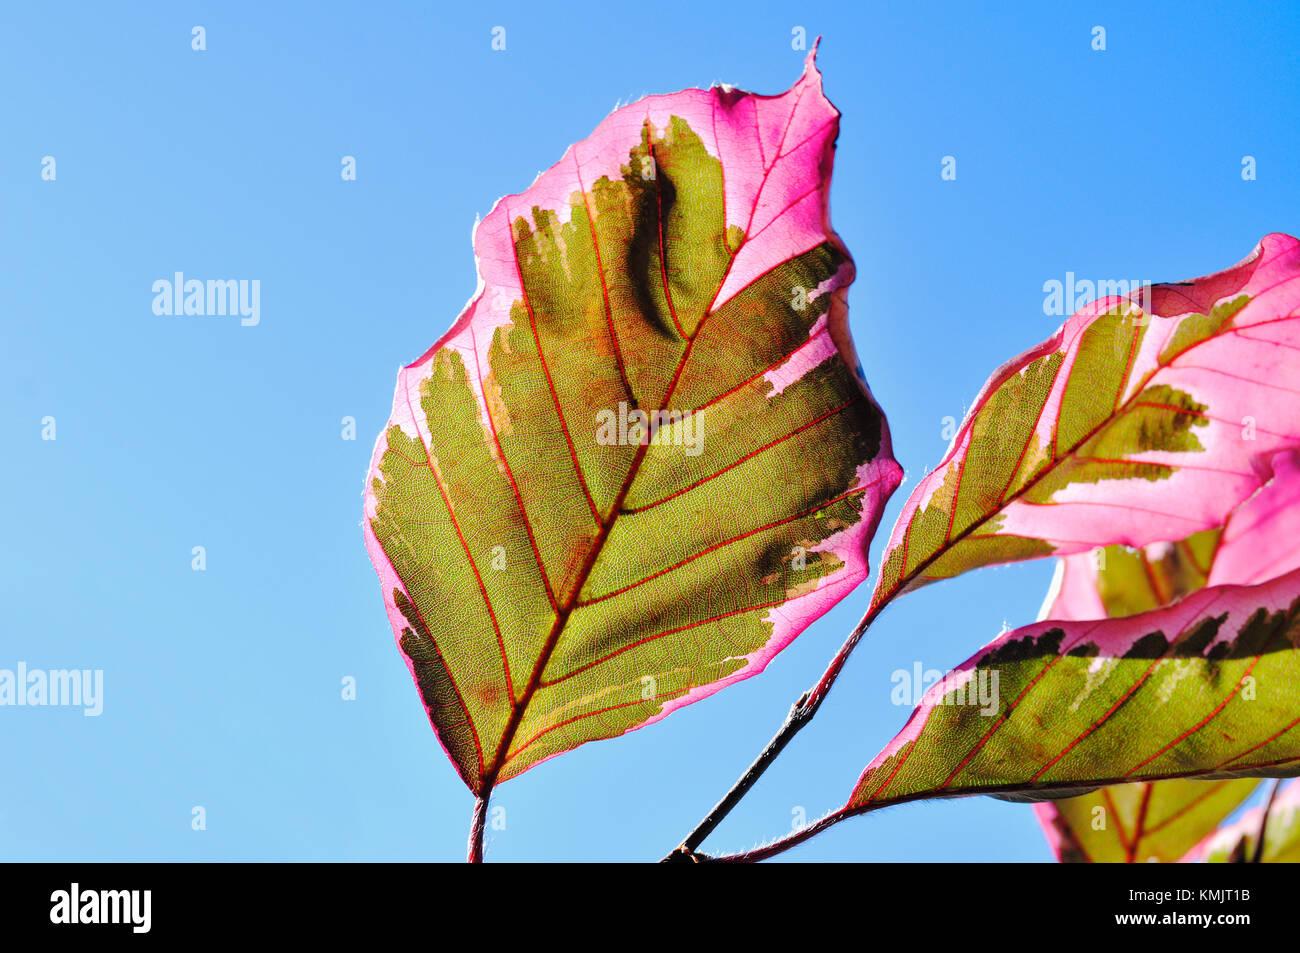 Tri color haya. patrón de hojas de color verde y rosa aislados contra el cielo azul. Imagen De Stock